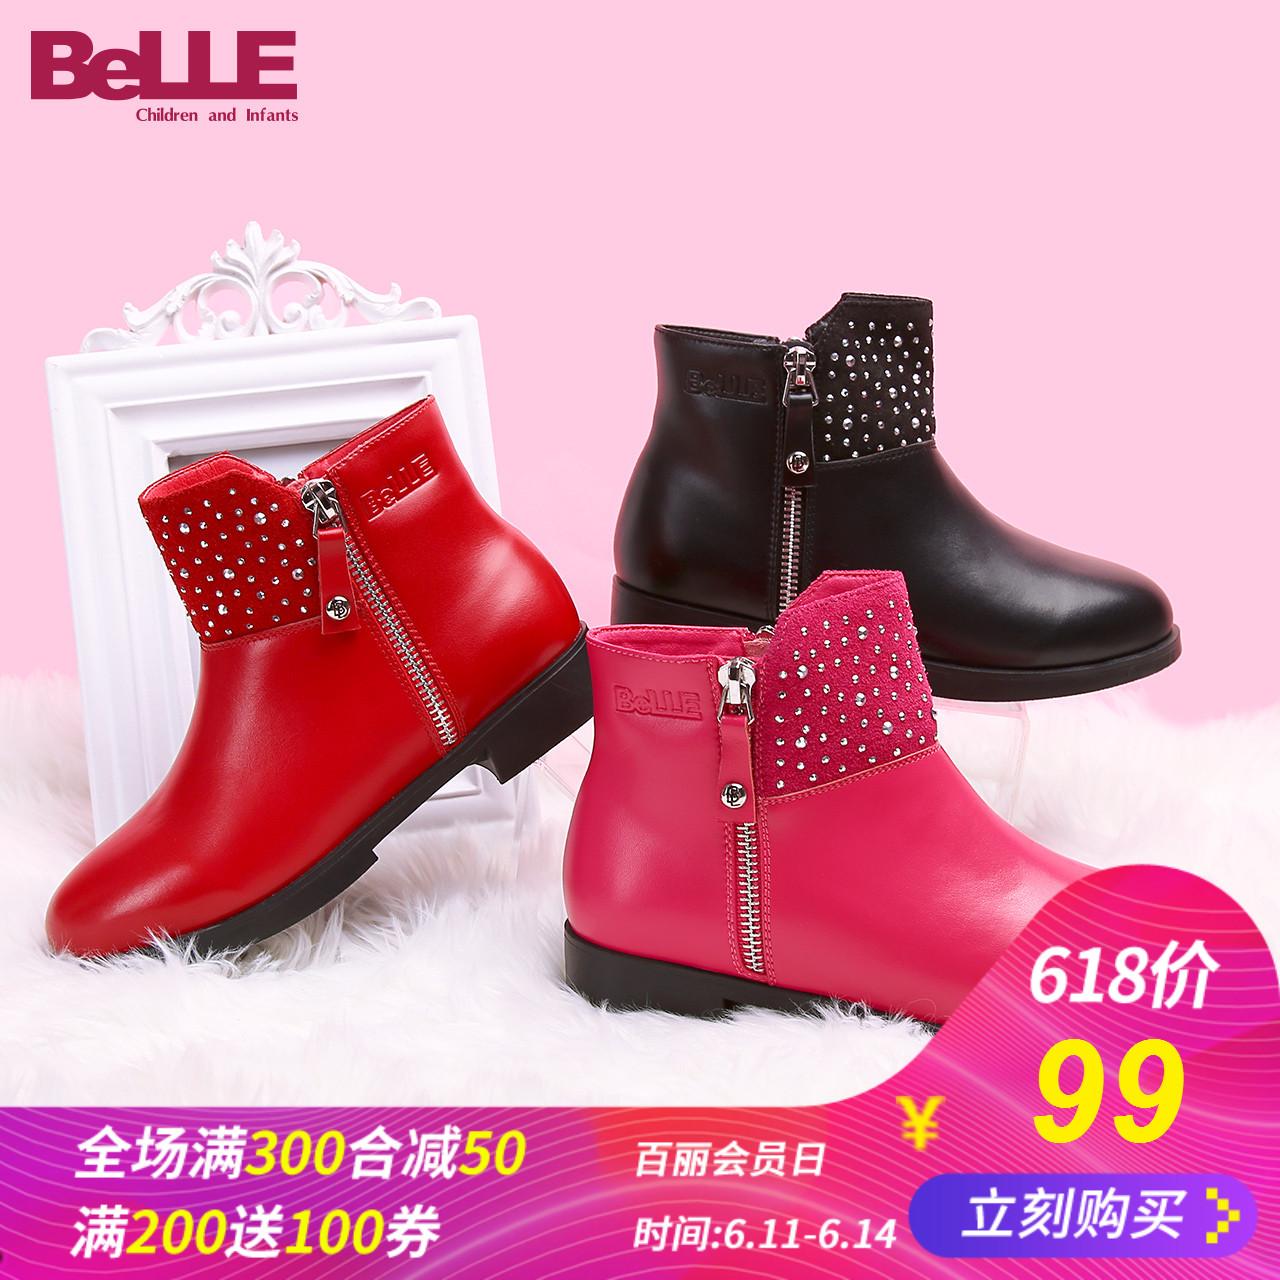 中大童女靴